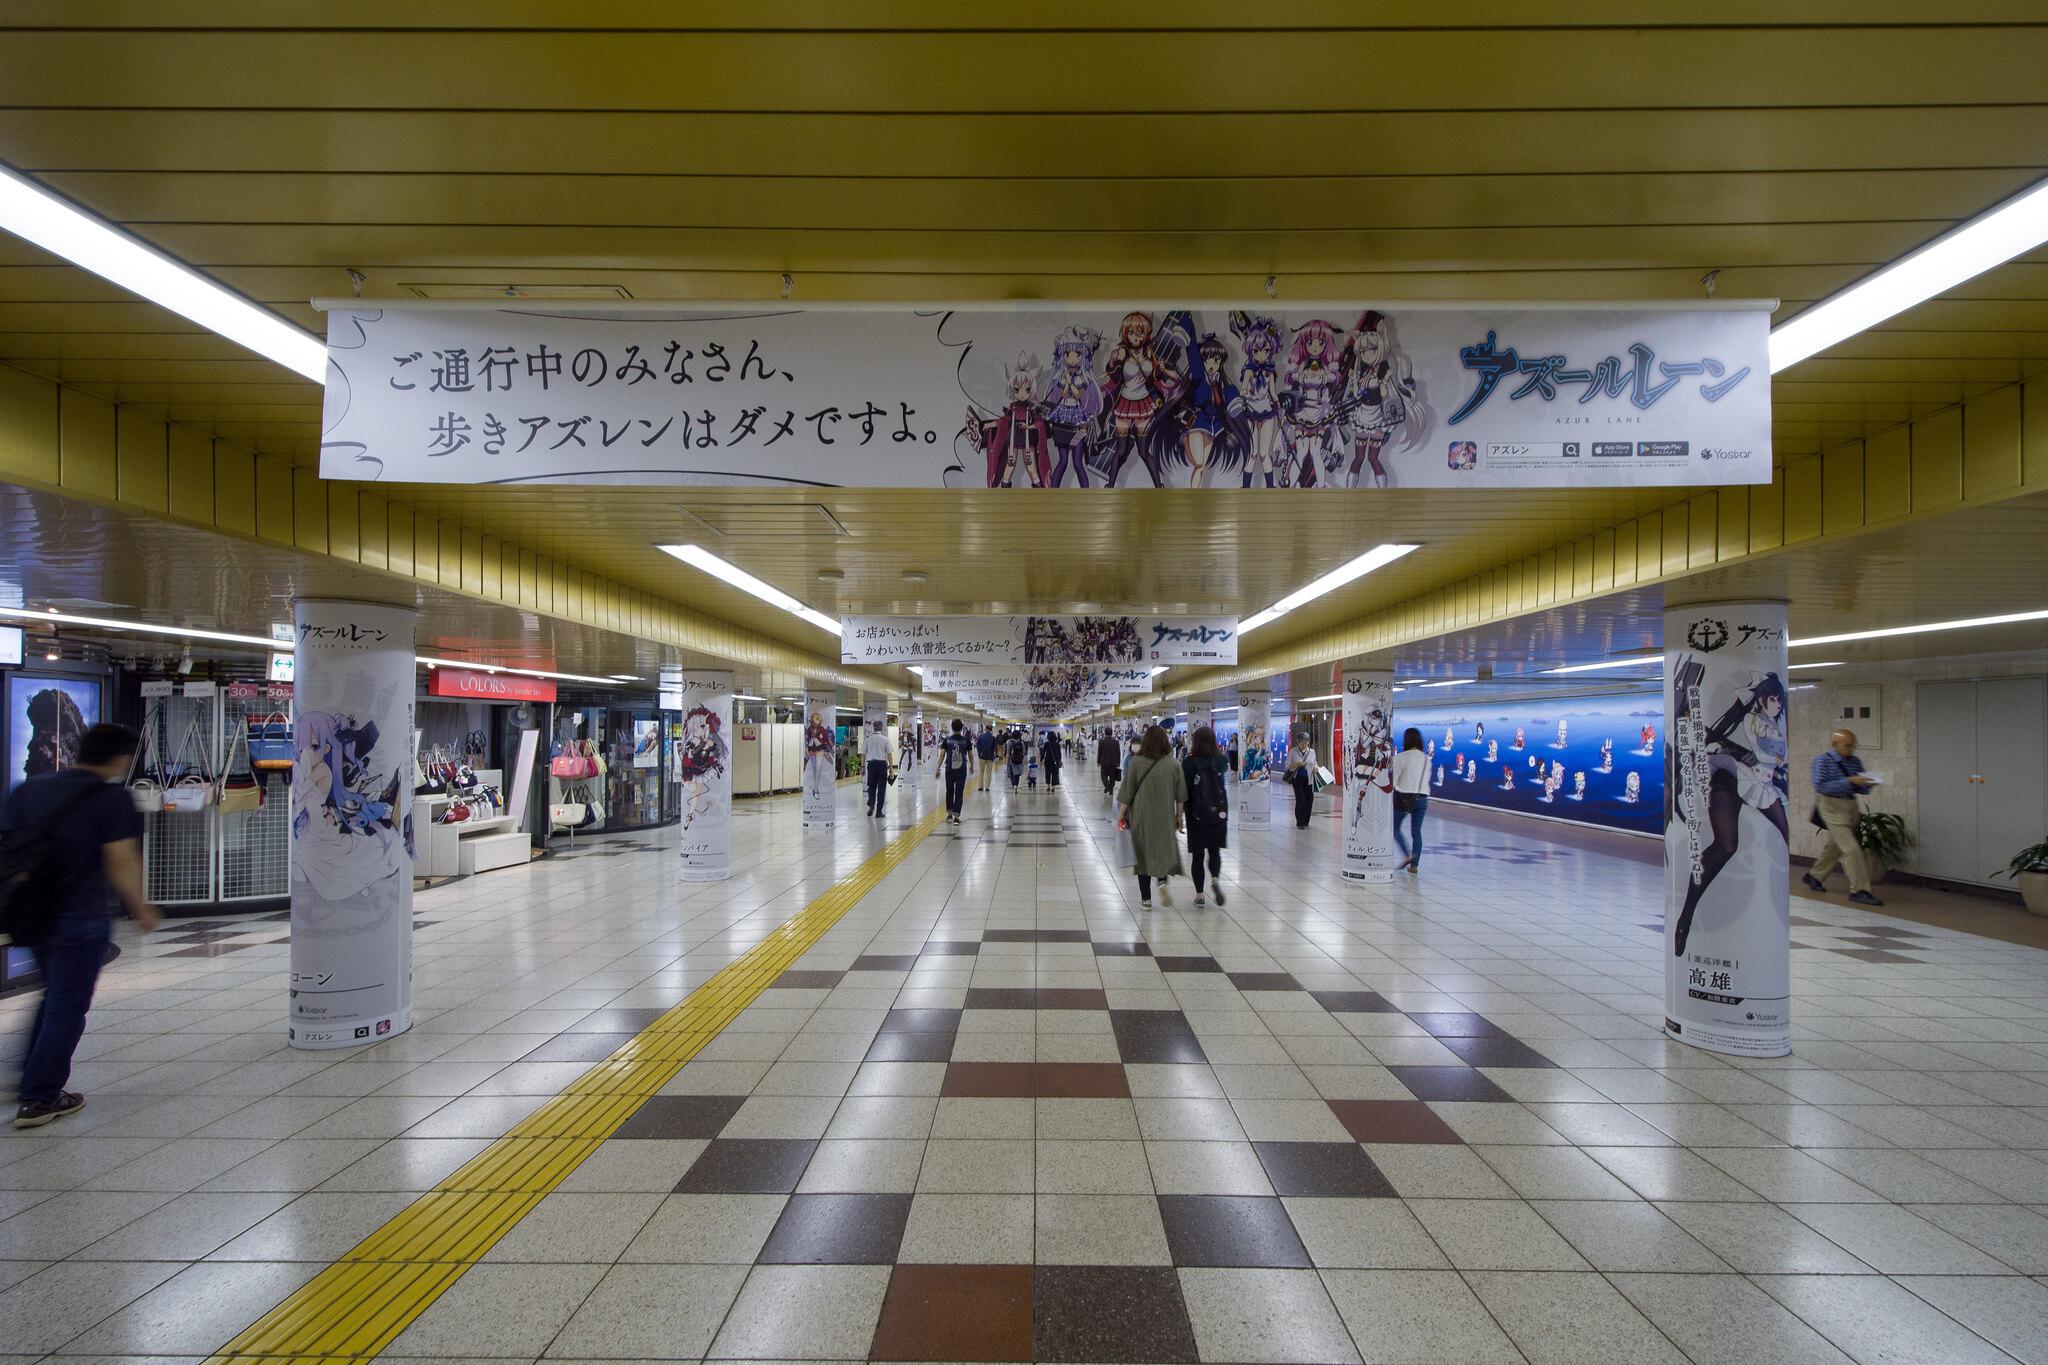 Shinjuku Azurlane